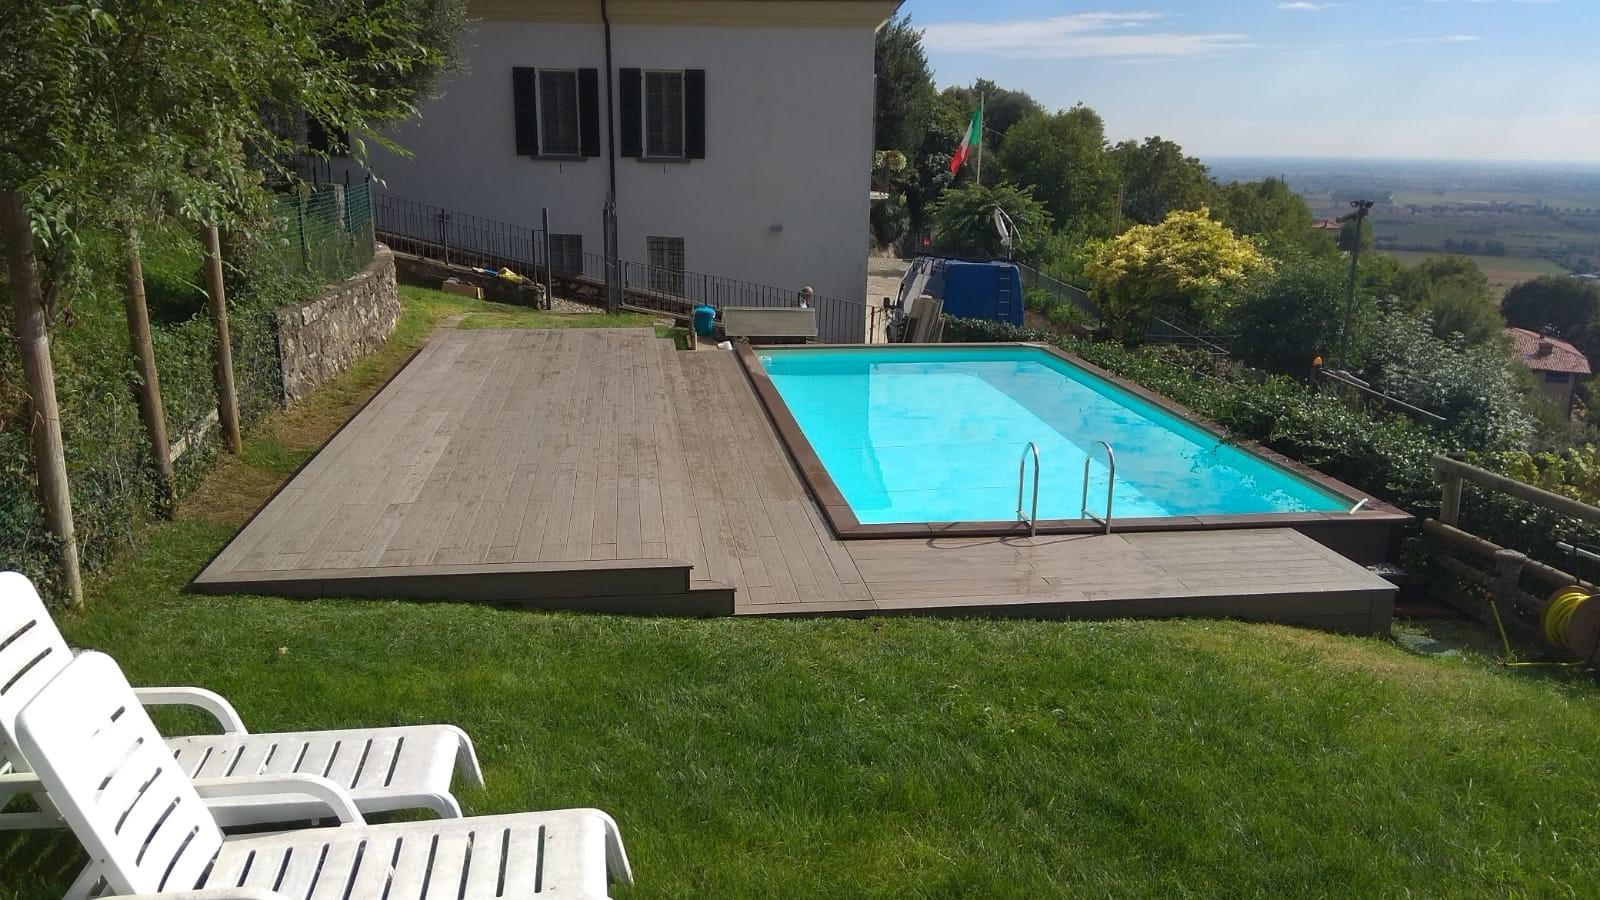 Piscina Su Terreno In Pendenza rivestimento senza manutenzione ecco 52 esempi. piscine